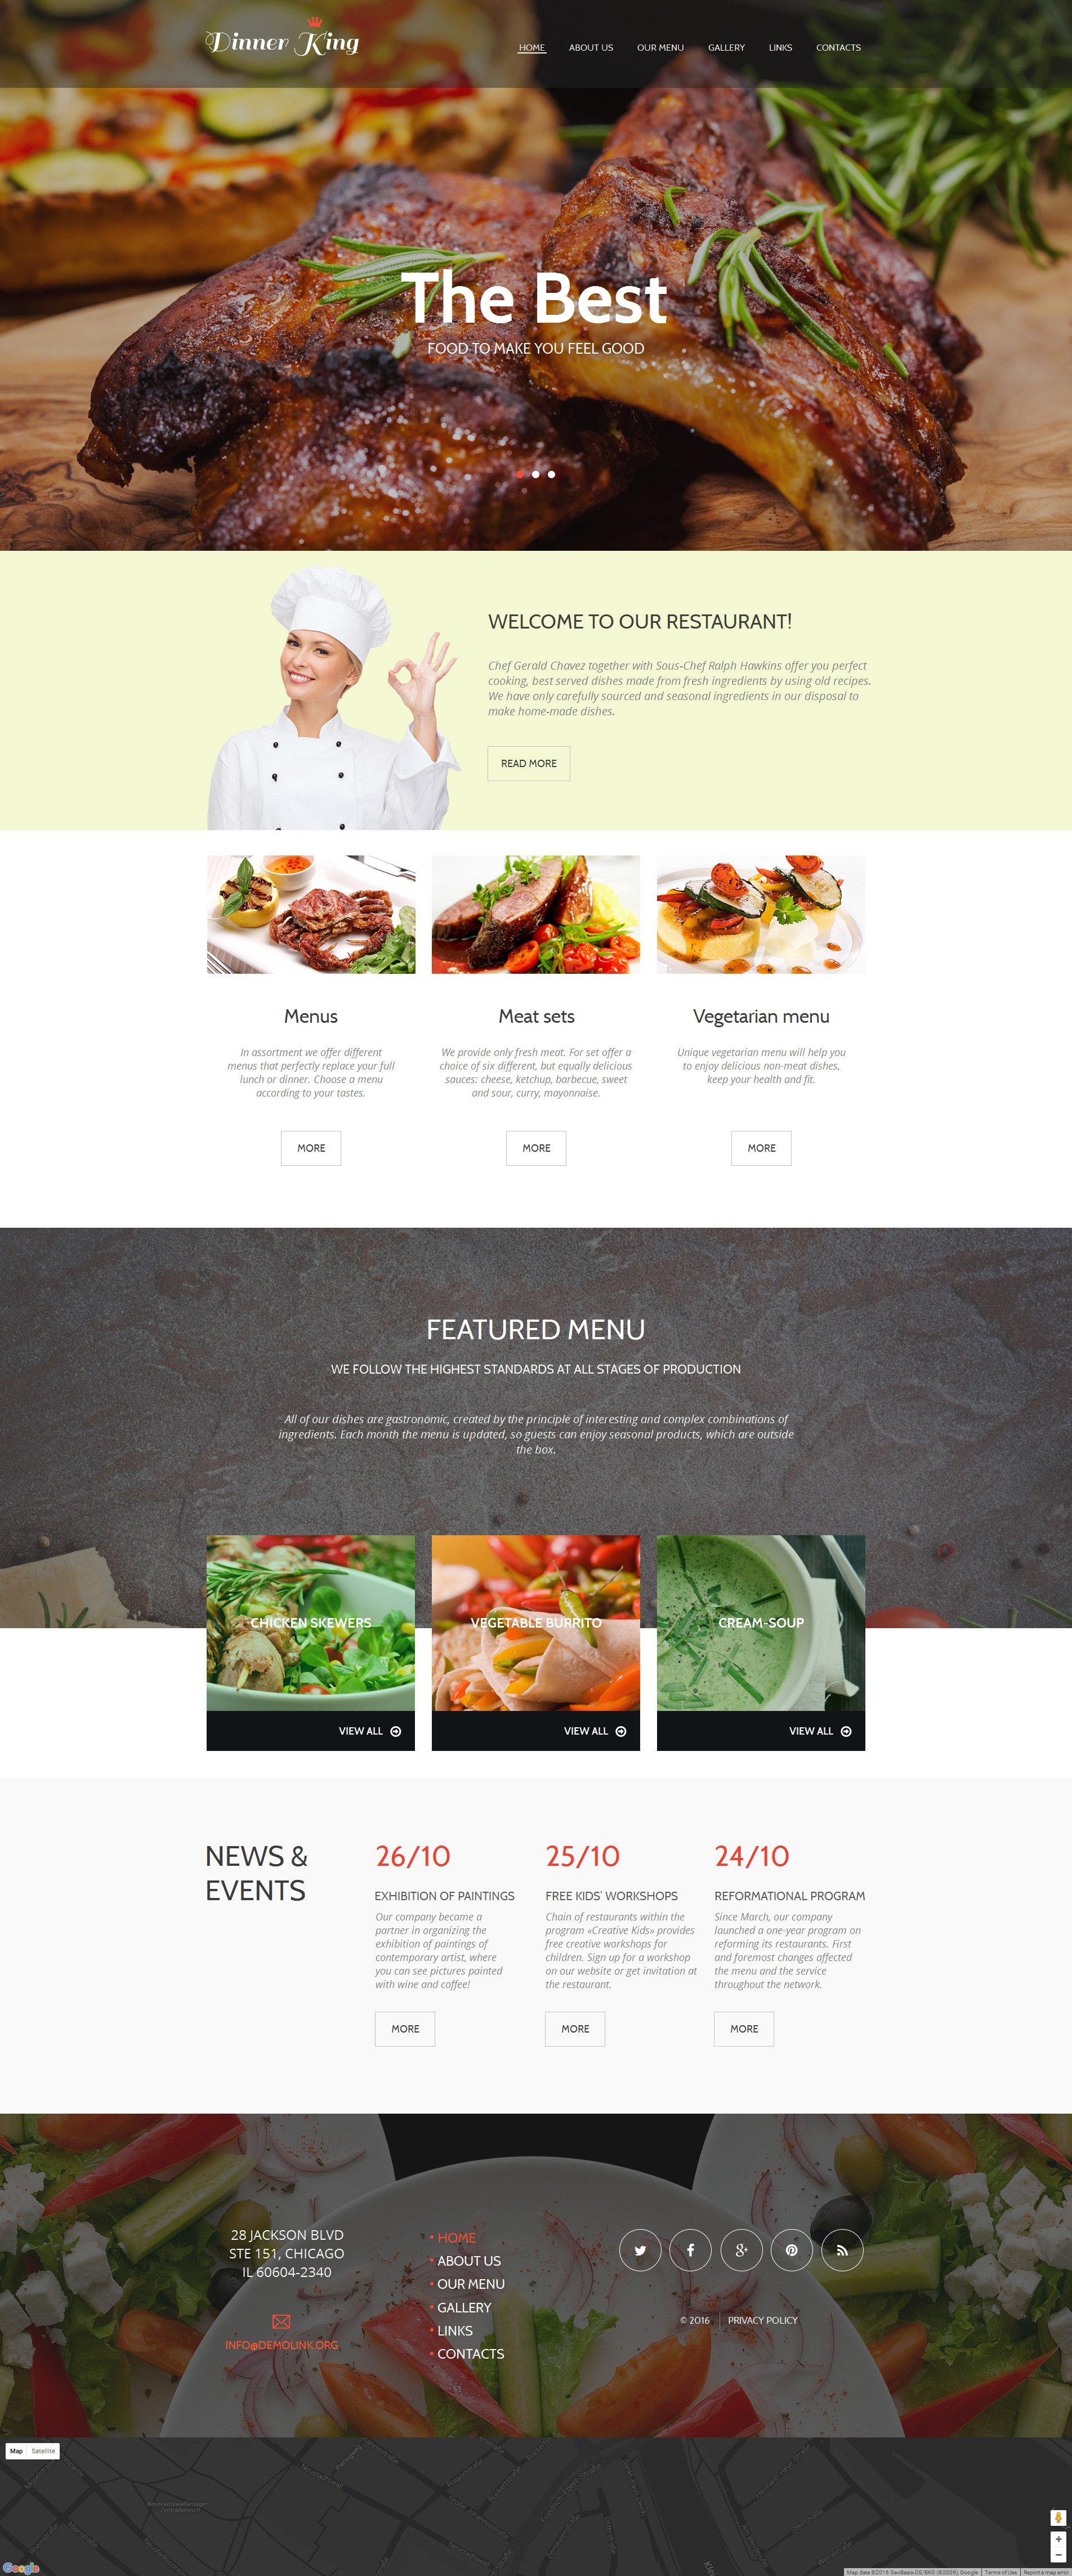 Template Moto CMS HTML para Sites de Cafeteria e Restaurante №56080